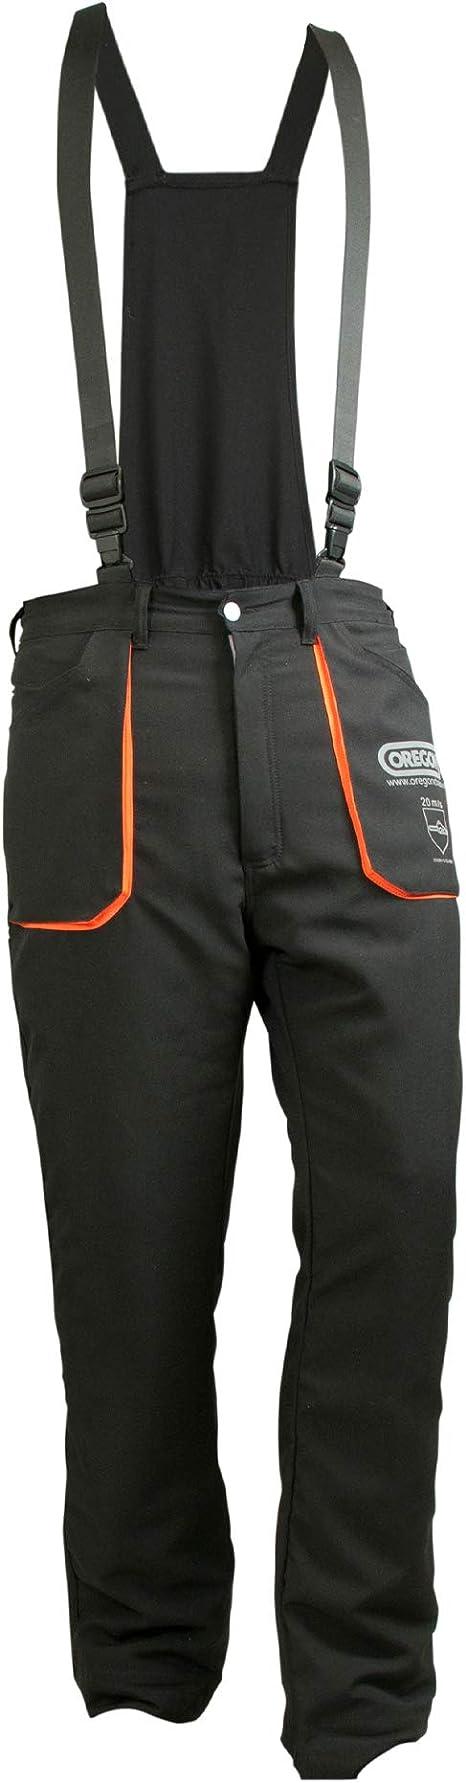 Oregon 295445/M - Protección peto pantalones yukon seguridad motosierra - tipo a